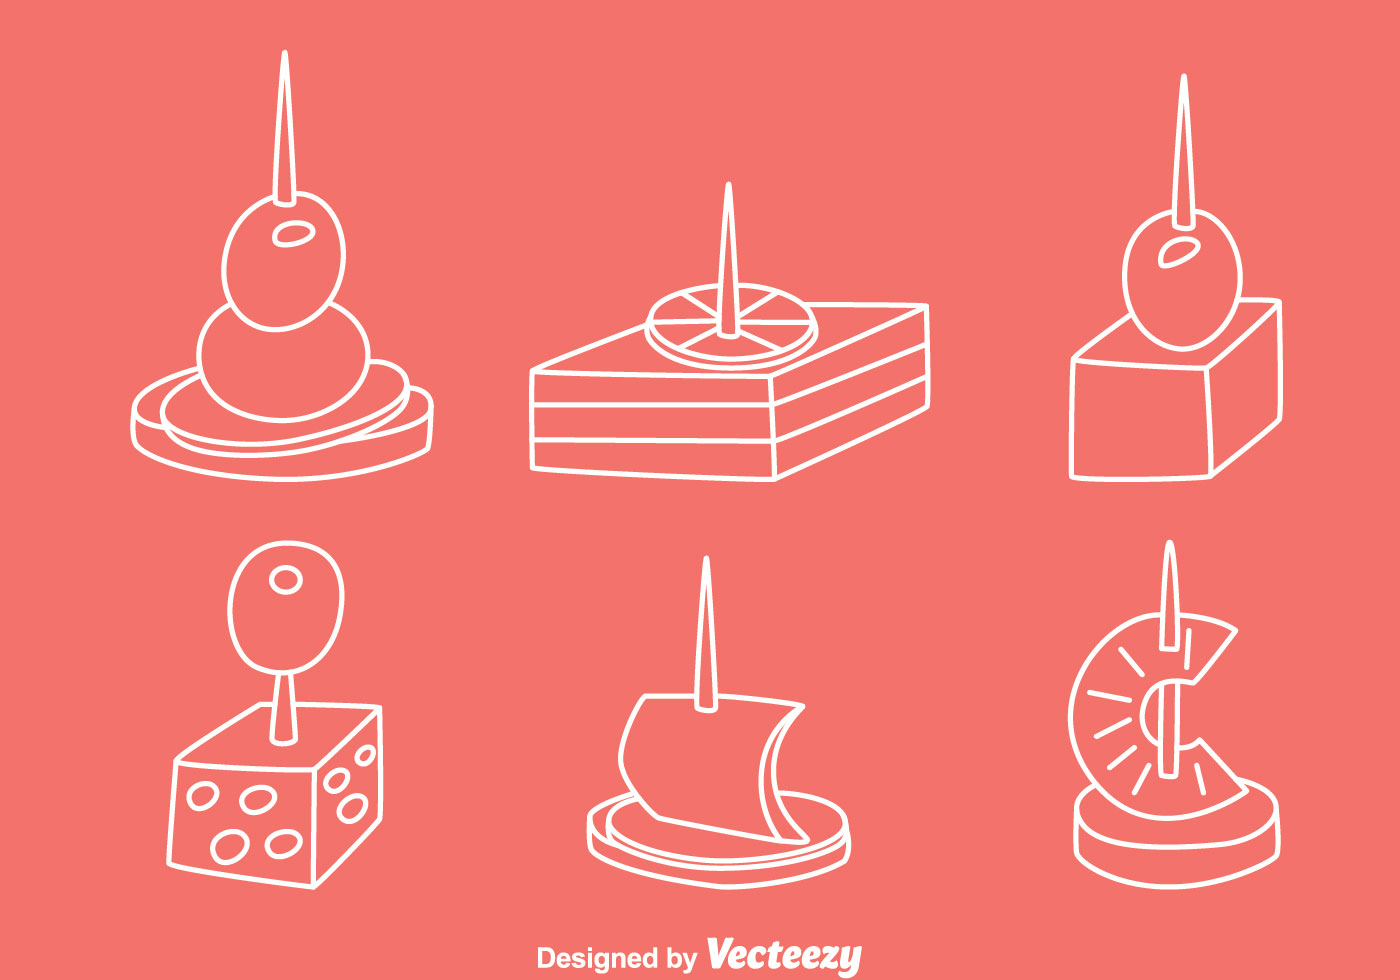 Vector canap s l nea iconos descargue gr ficos y for Canape vector